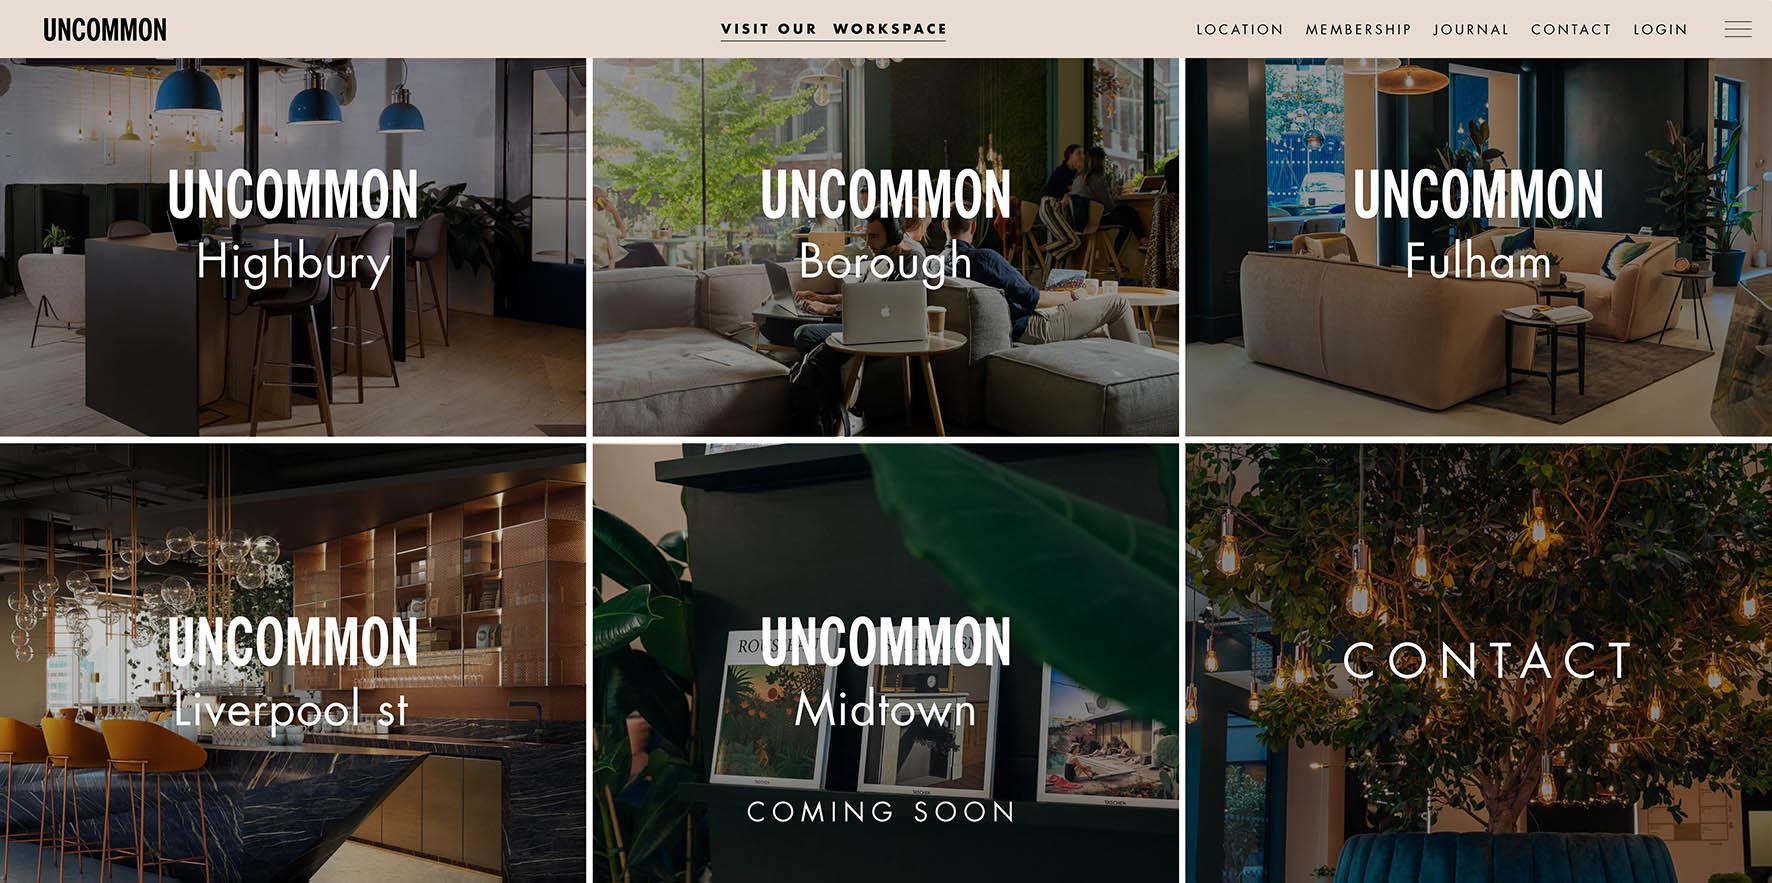 thecrop_uncommon_website-5